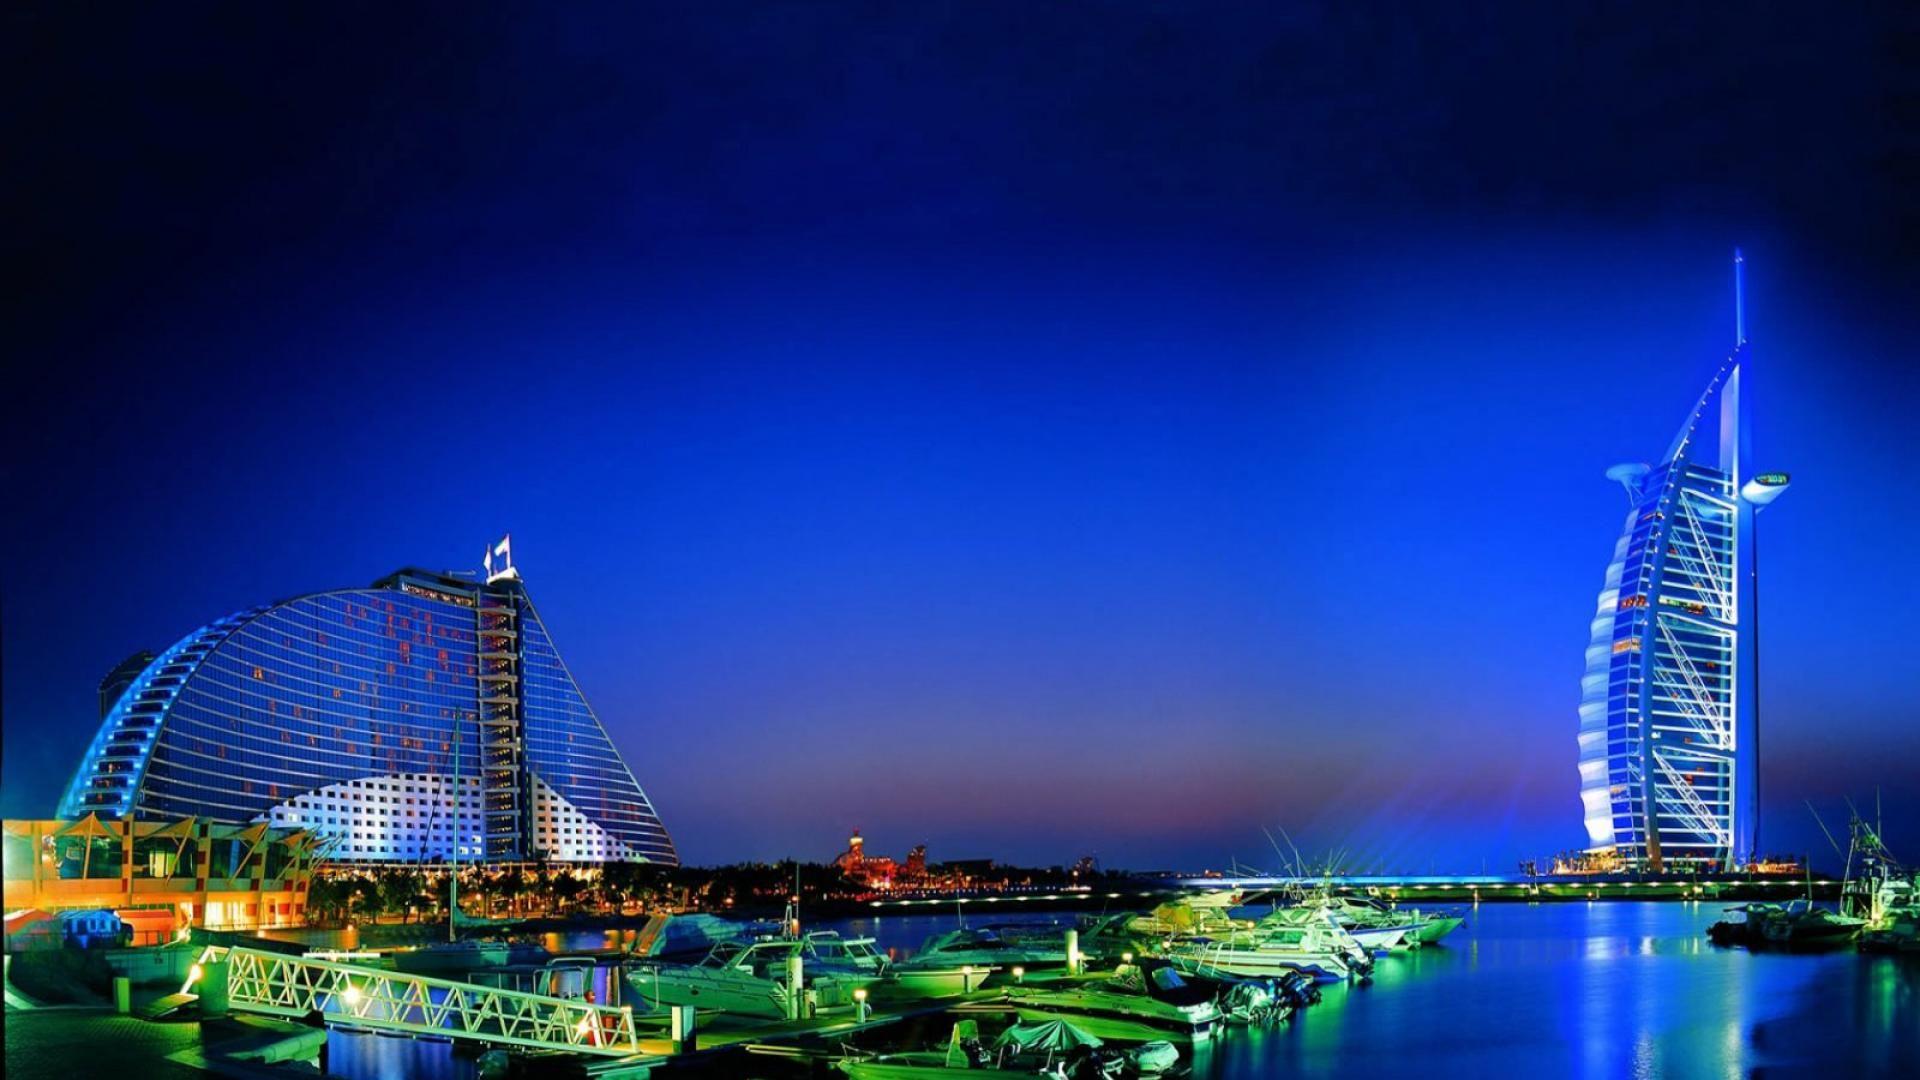 Hotel dubai burj al arab night hd wallpaper design hotel for Hotel design a dubai